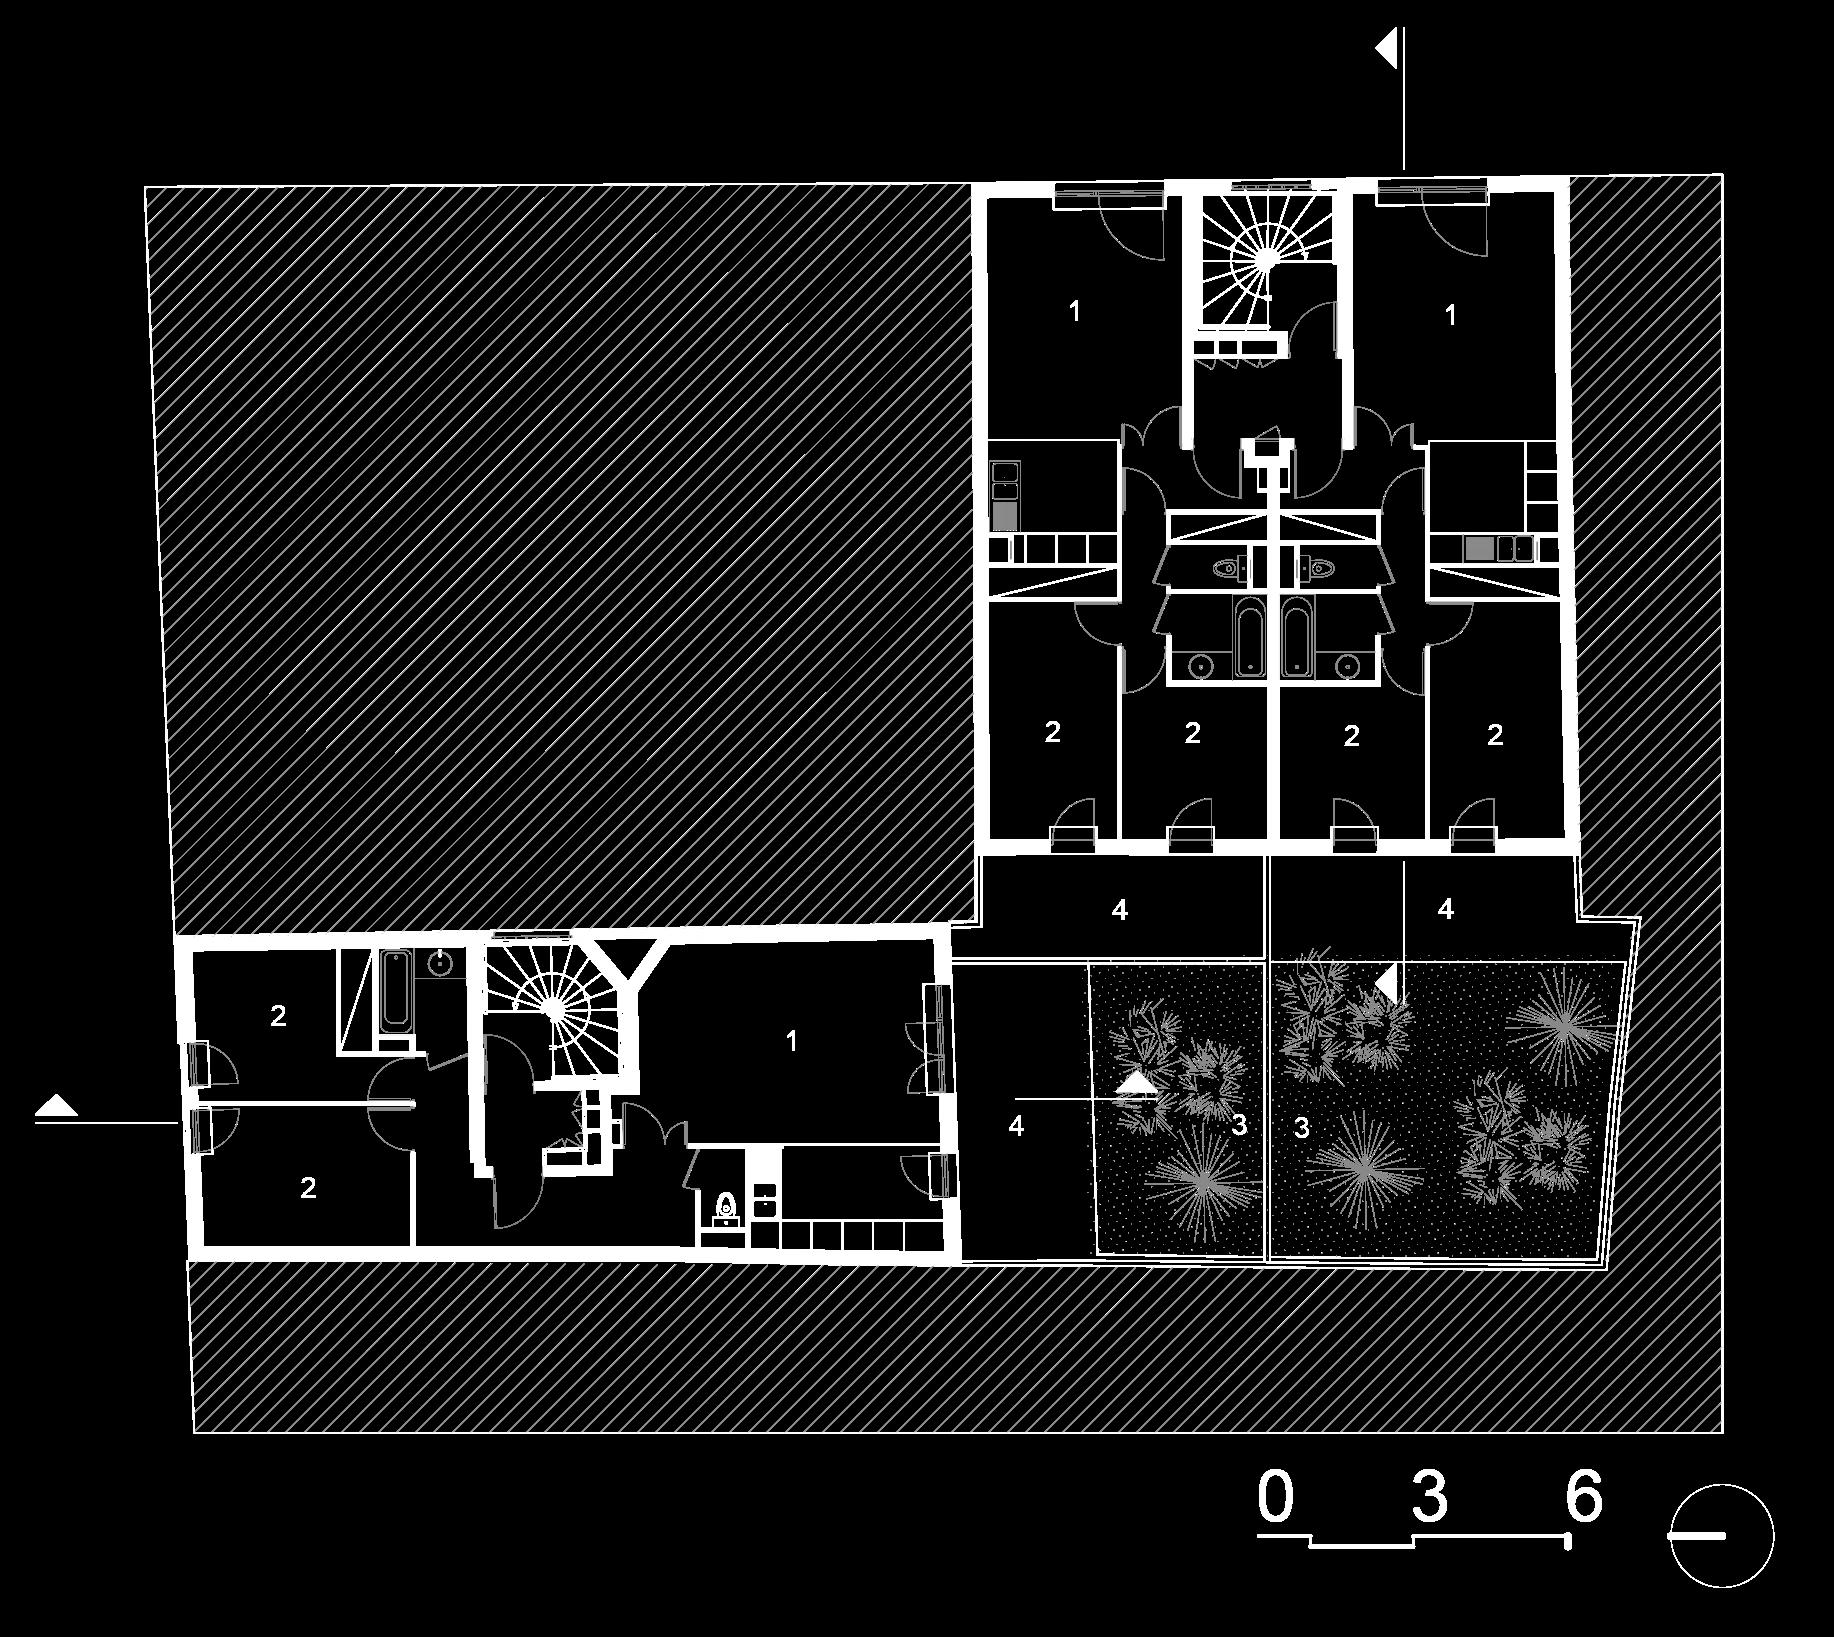 Plan rez-de-chaussée :  1- Séjours, 2- Chambres, 3- Jardins, 4- Terrasse.